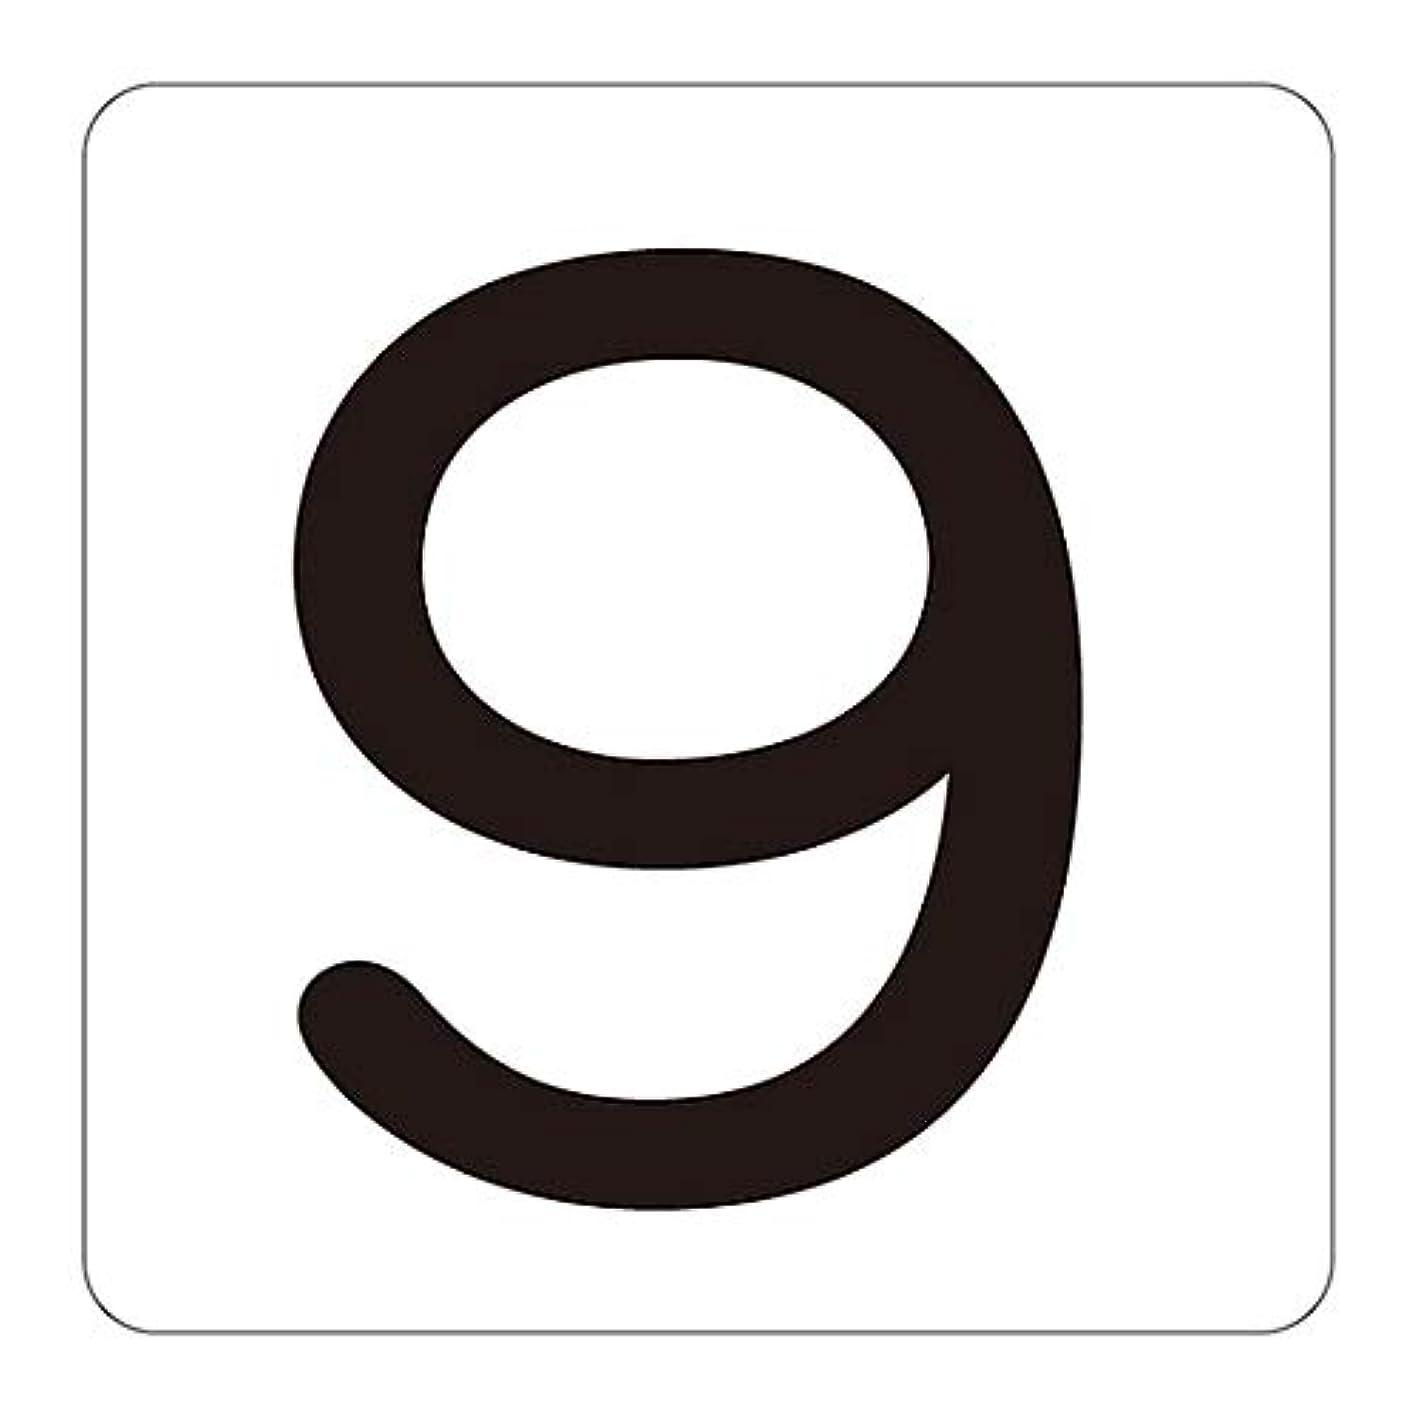 成分プレフィックス魅力的数字表示ステッカー HS-9(5P)中/61-3414-50